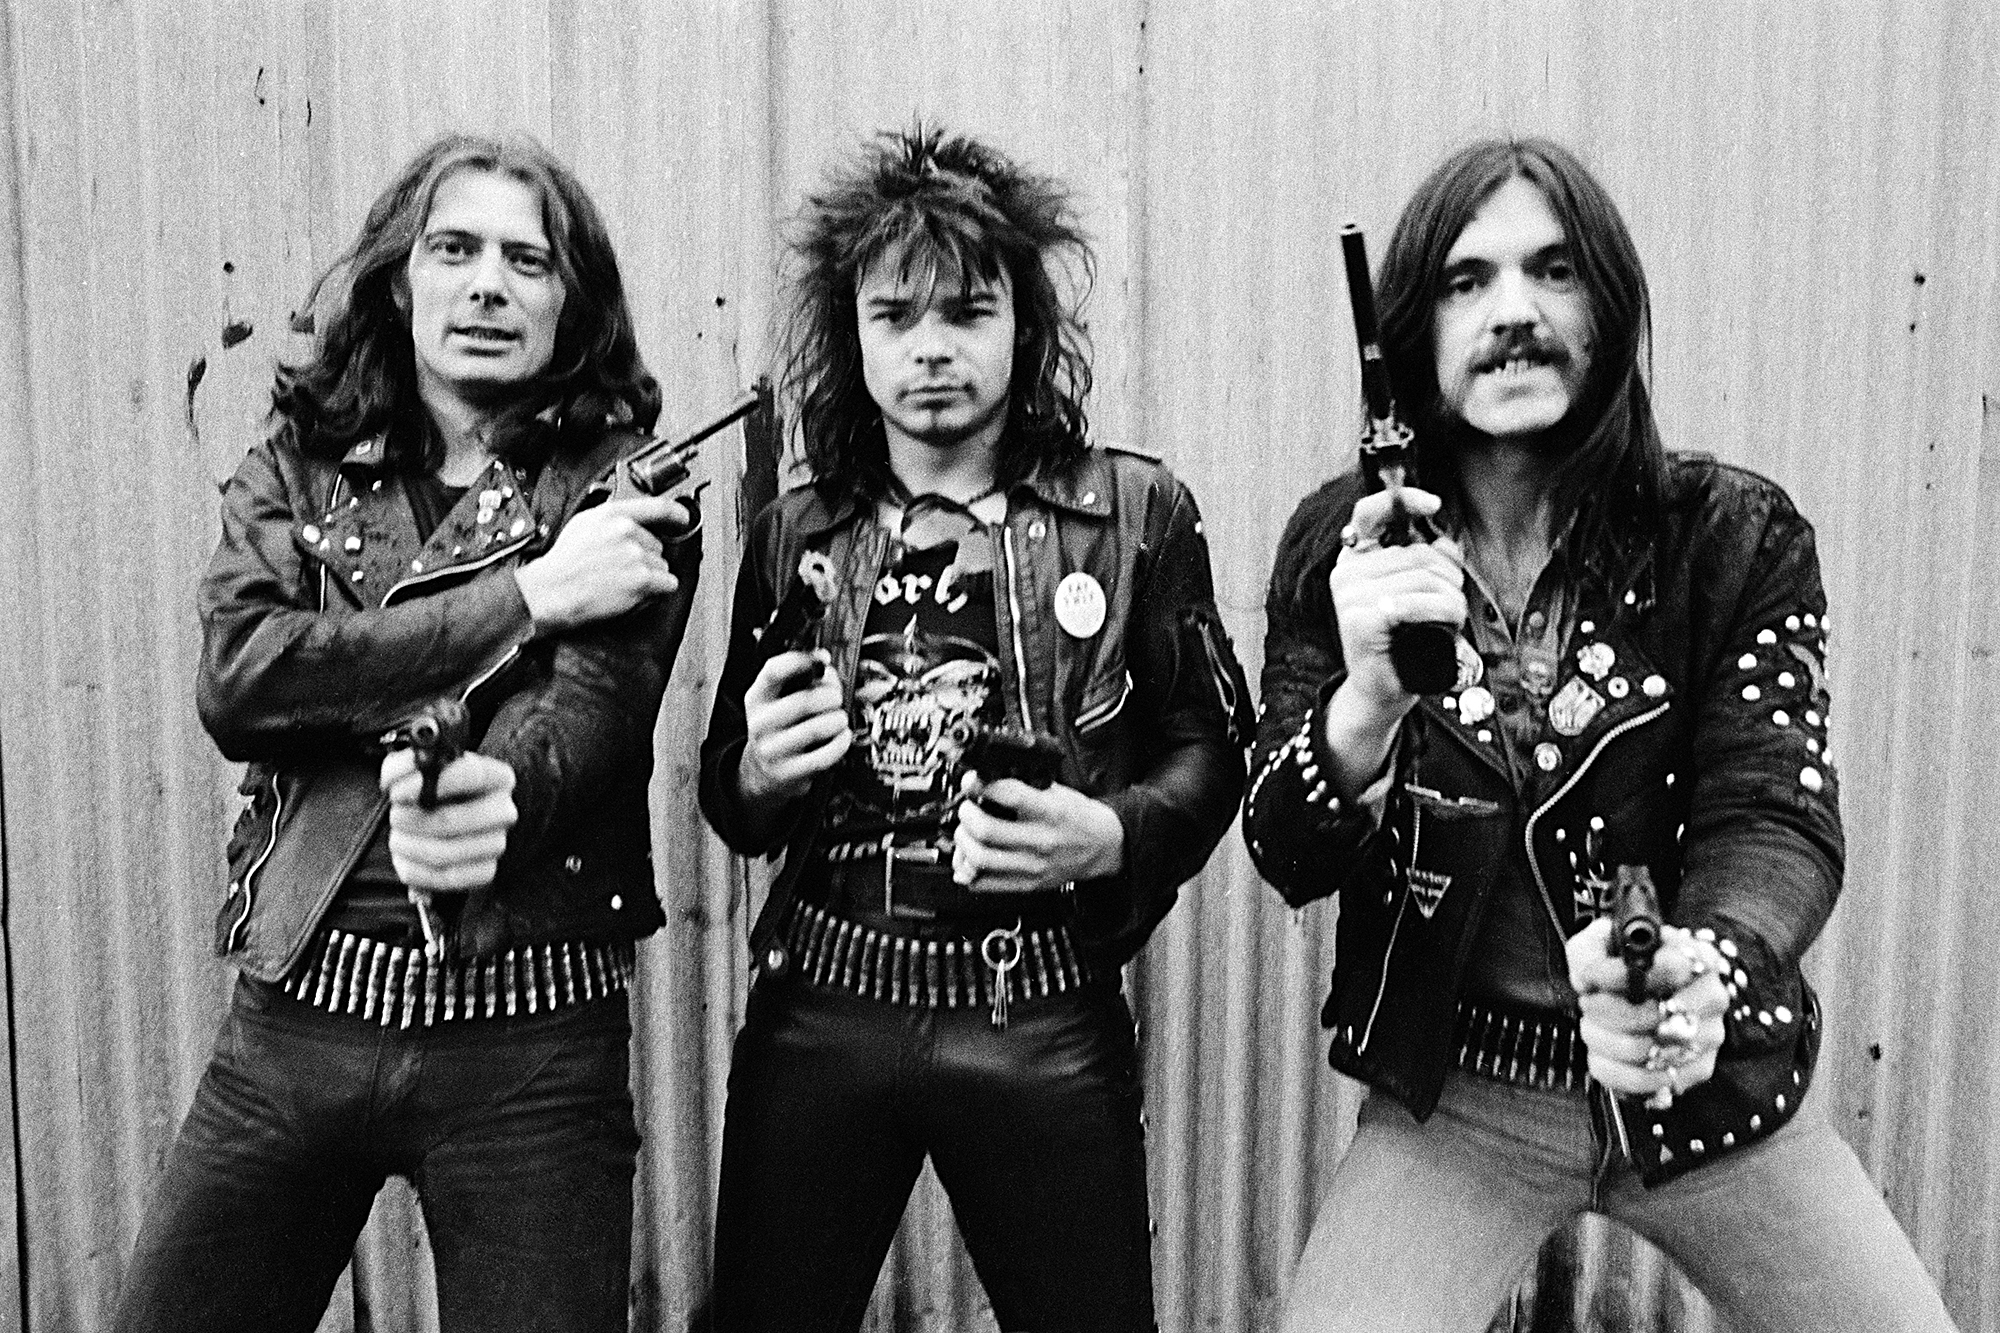 Hear Rare Motorhead 'Bomber' Live Recording From '1979' Box